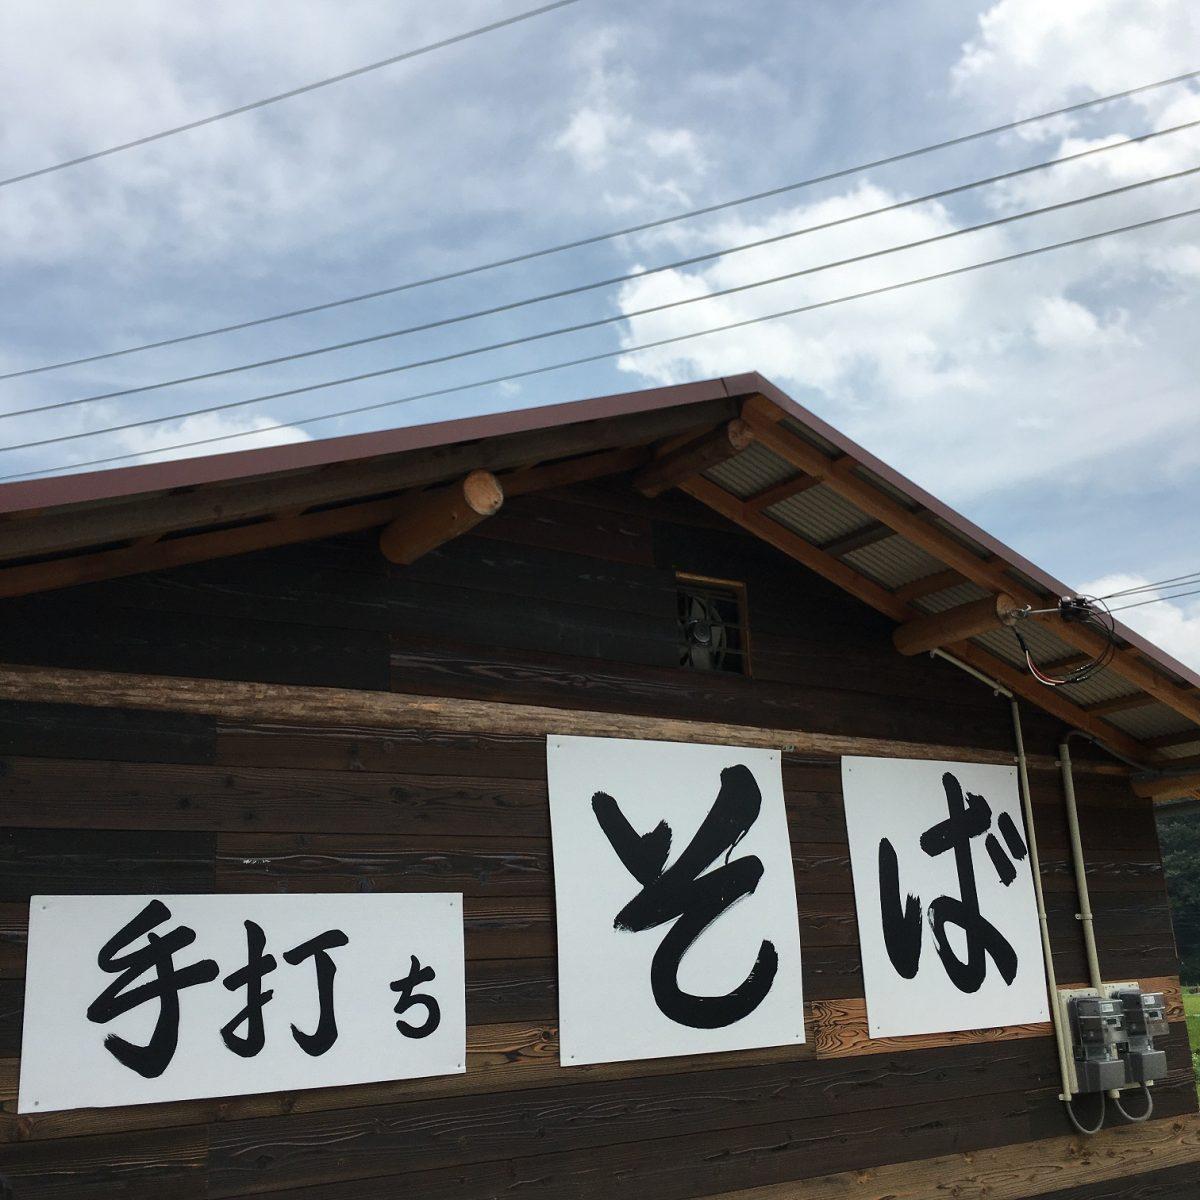 【市川町】手打ちそば 勢賀の郷(せかのさと)オープン|1日30食限定